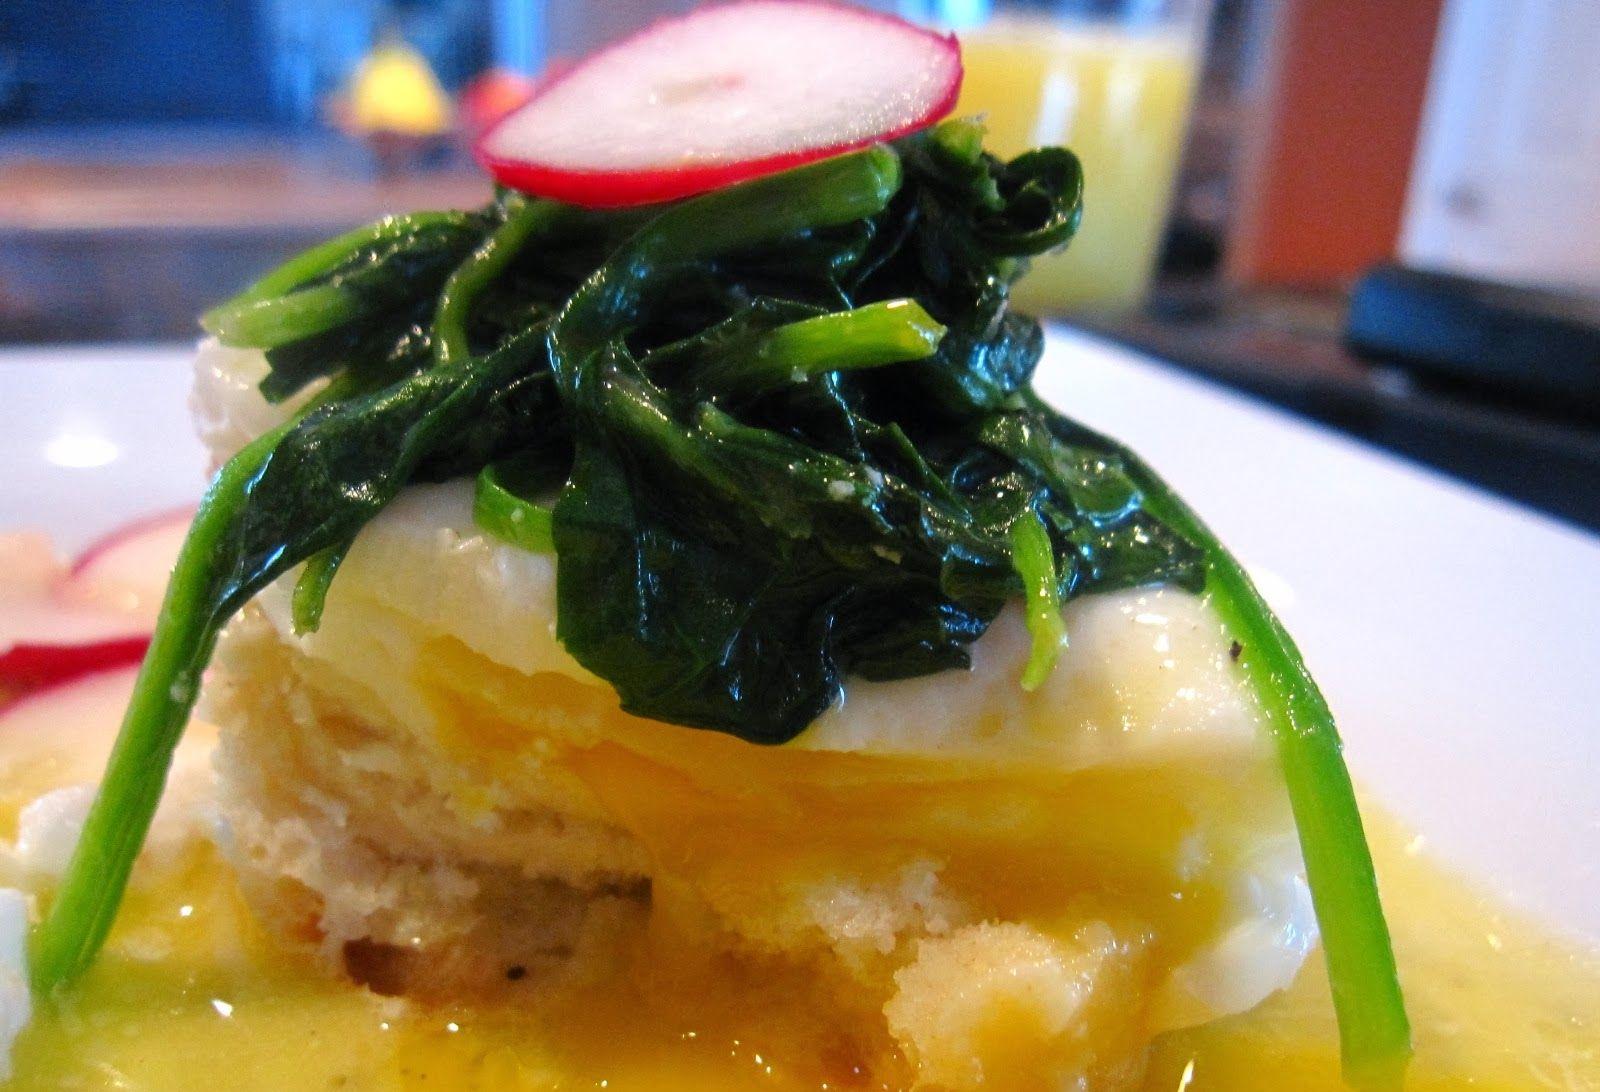 不腻:早餐新做法,20分钟就上桌,松软香甜,连着吃一周都不腻!